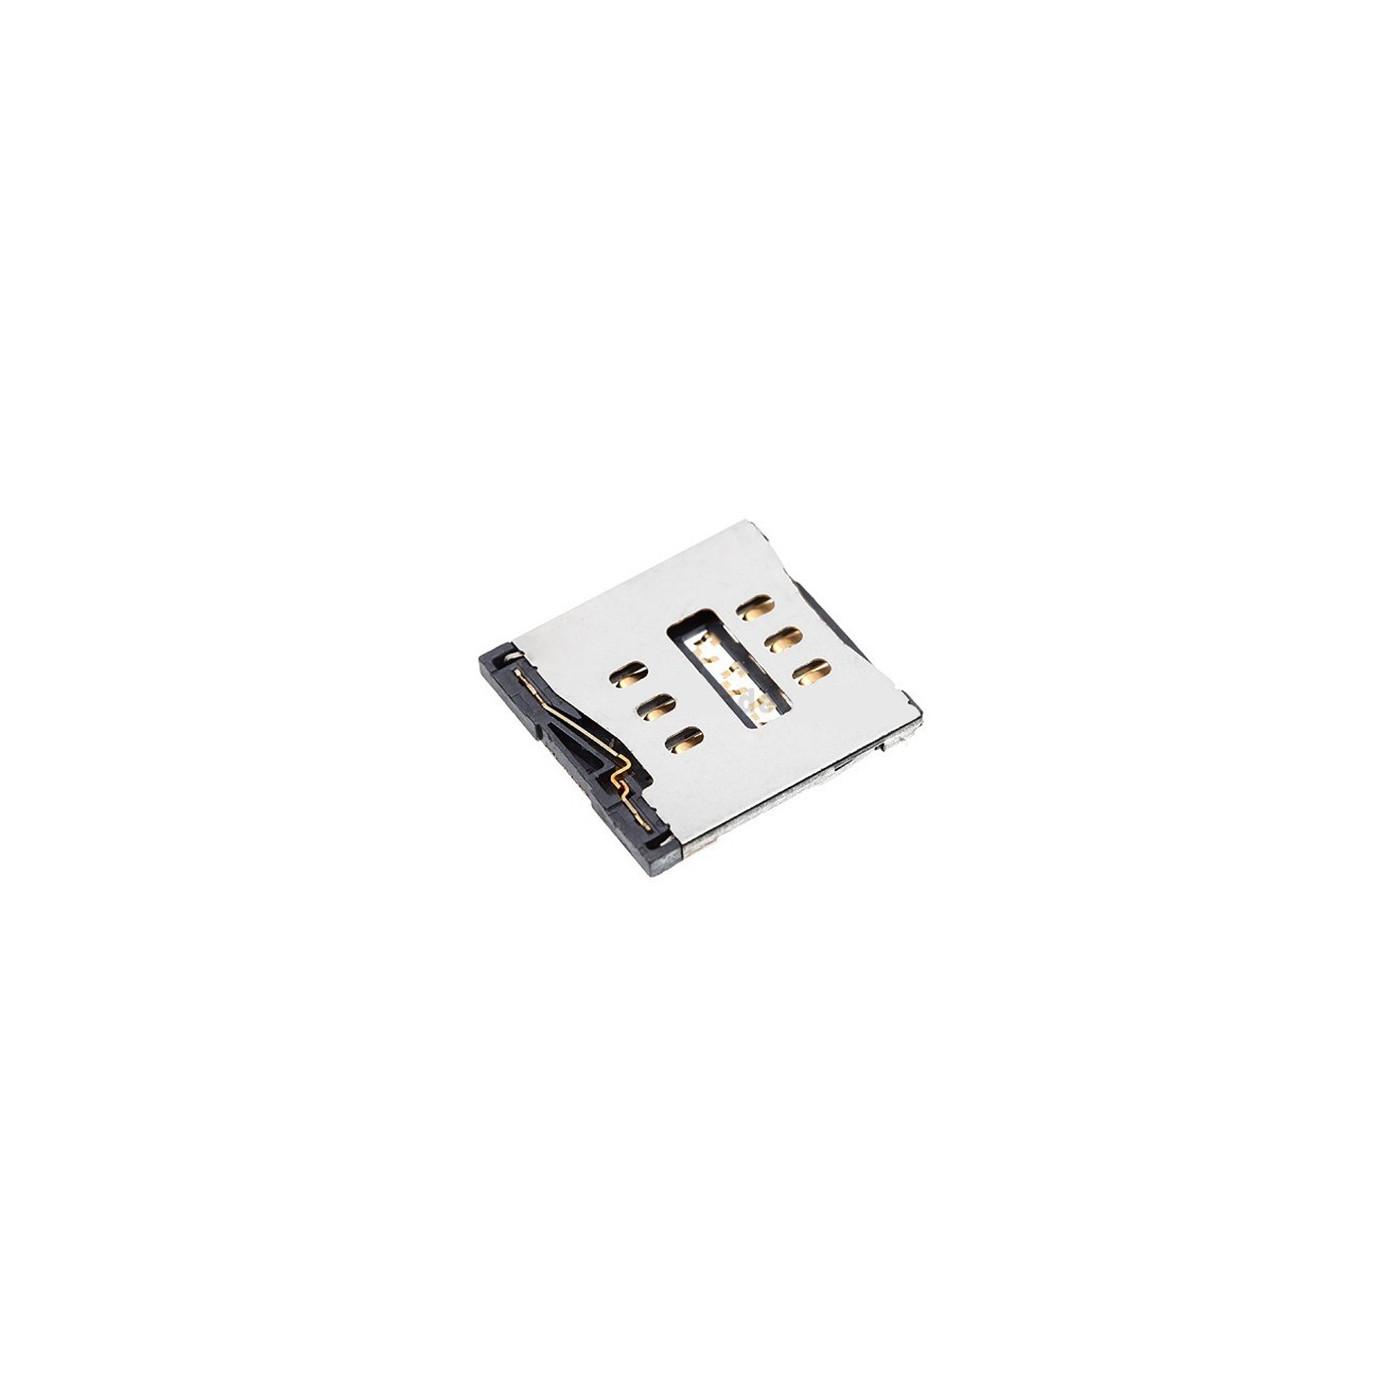 Conector de tarjeta SIM para lector de tarjetas SIM 5G / 5S / 5C Lector de contactos